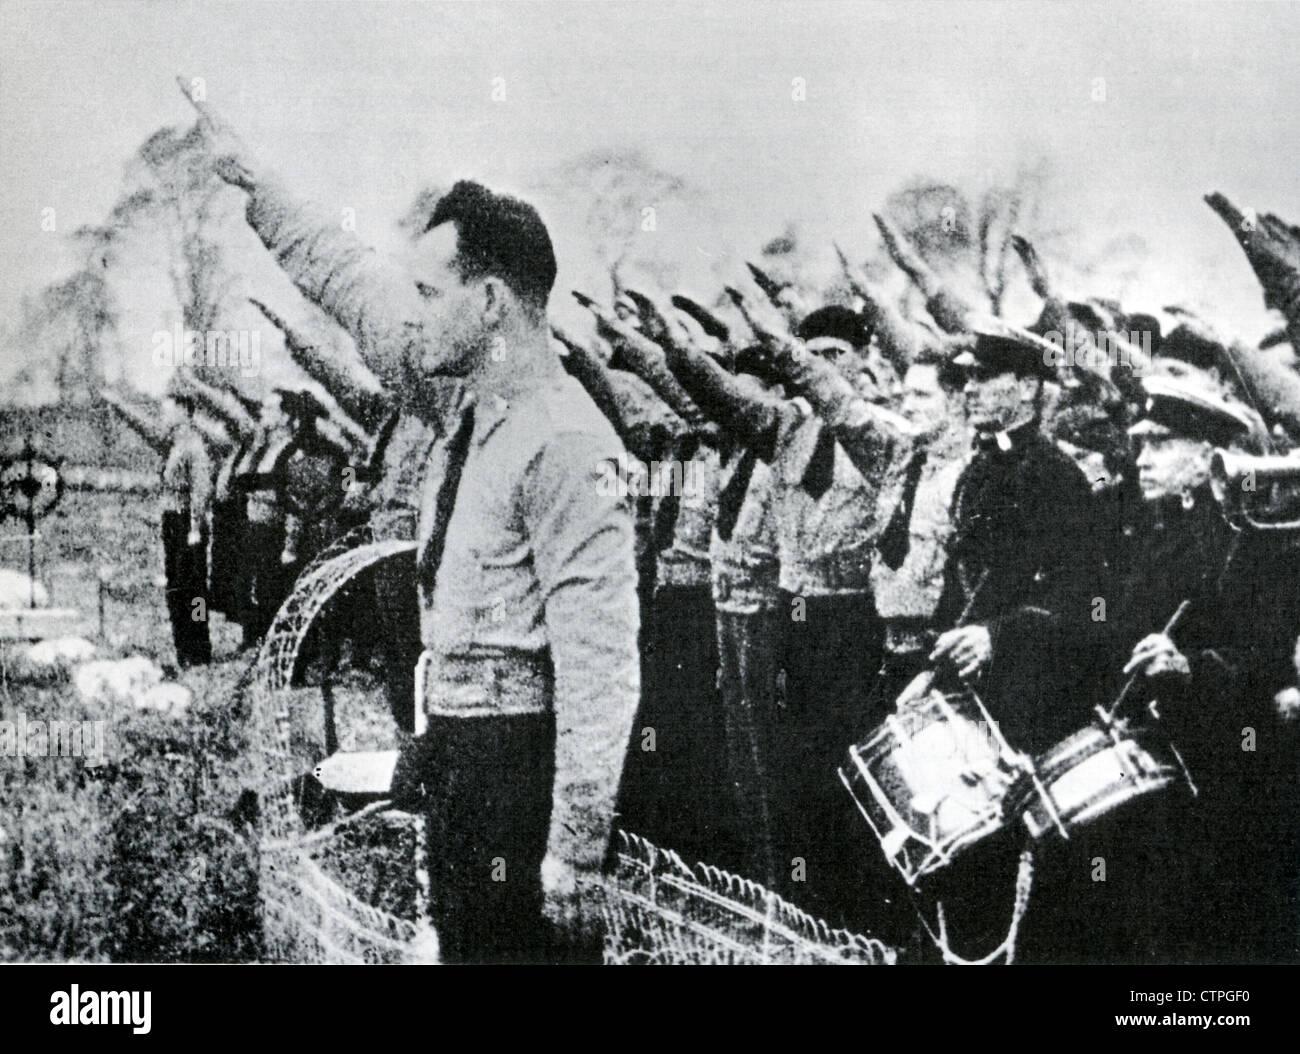 Camarades de l'armée irlandaise les Blueshirts aka Association, organisation de droite en rallye au cimetière Photo Stock